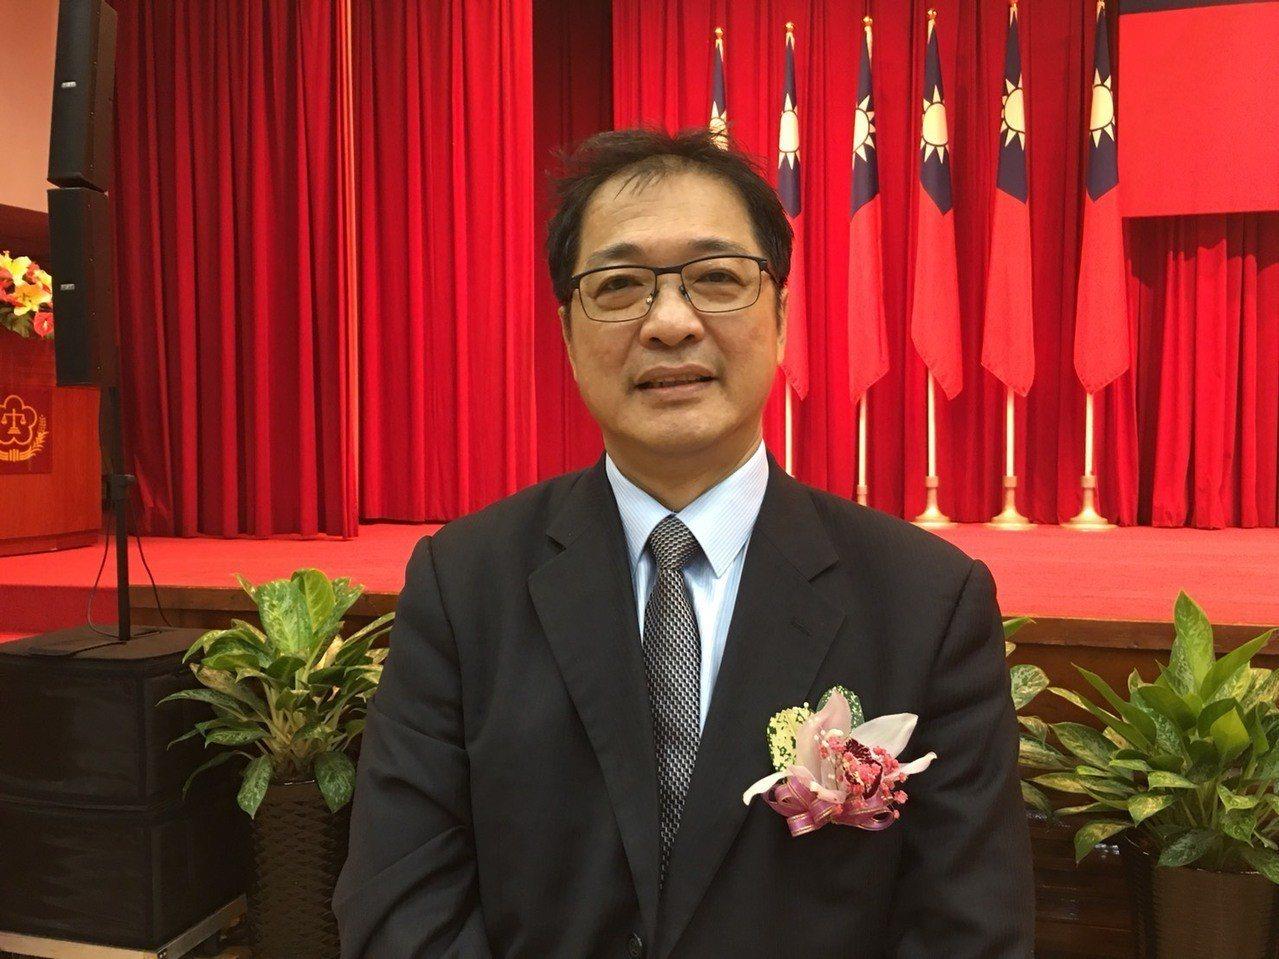 新任台南地檢署檢察長鄭銘謙出席聯合交接典禮後,馬不停蹄走馬上任。記者邵心杰/翻攝